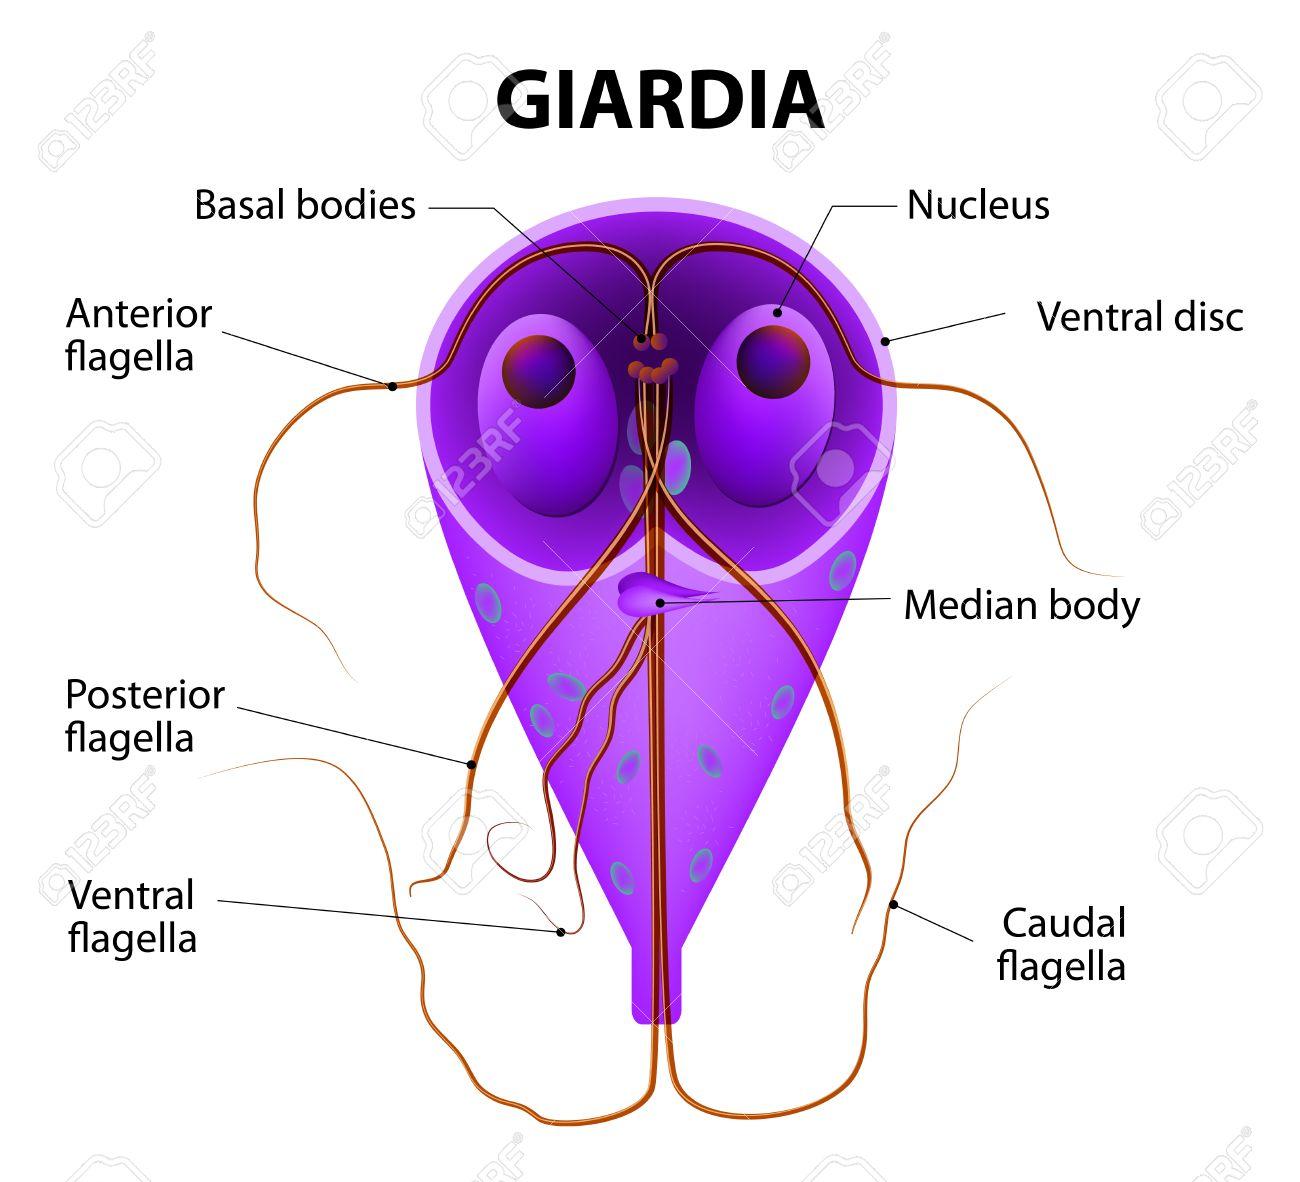 Helmint fertőzés immunválasz Gazda giardiasis immunválasz